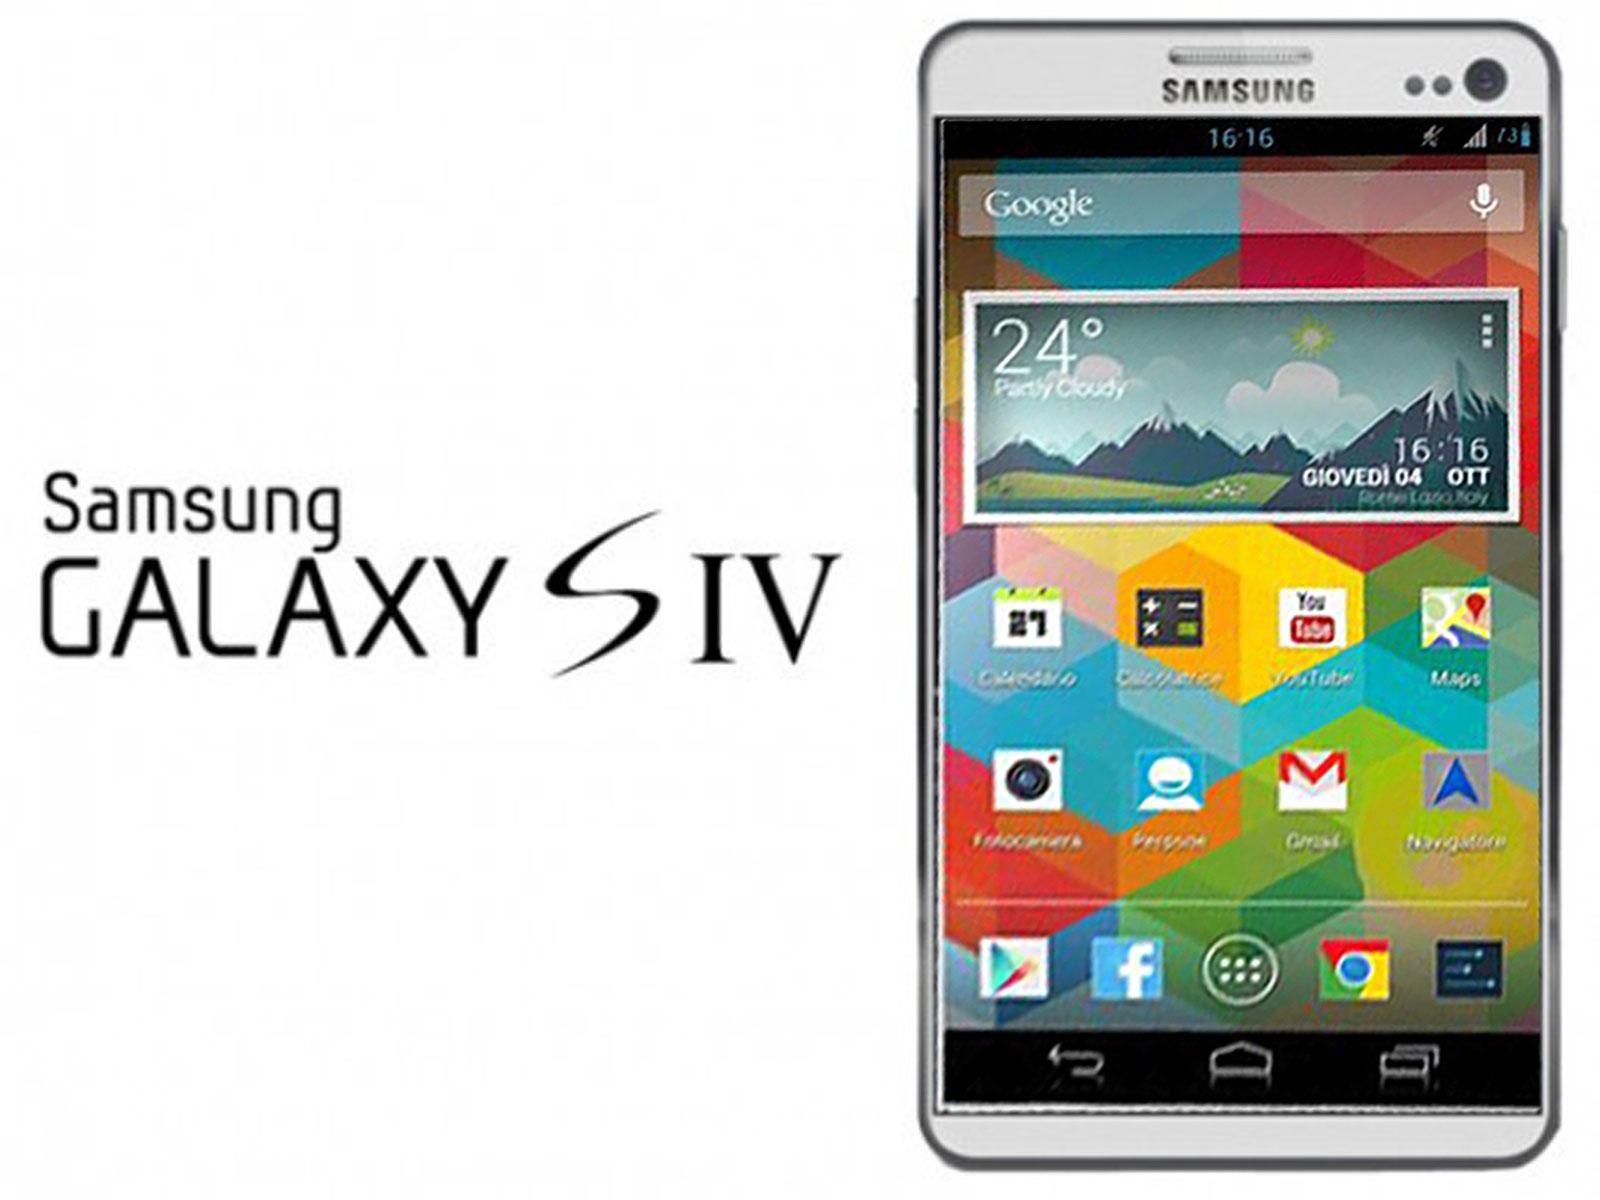 Samsung Galaxy S4 arriva finalmente anche nel nostro paese